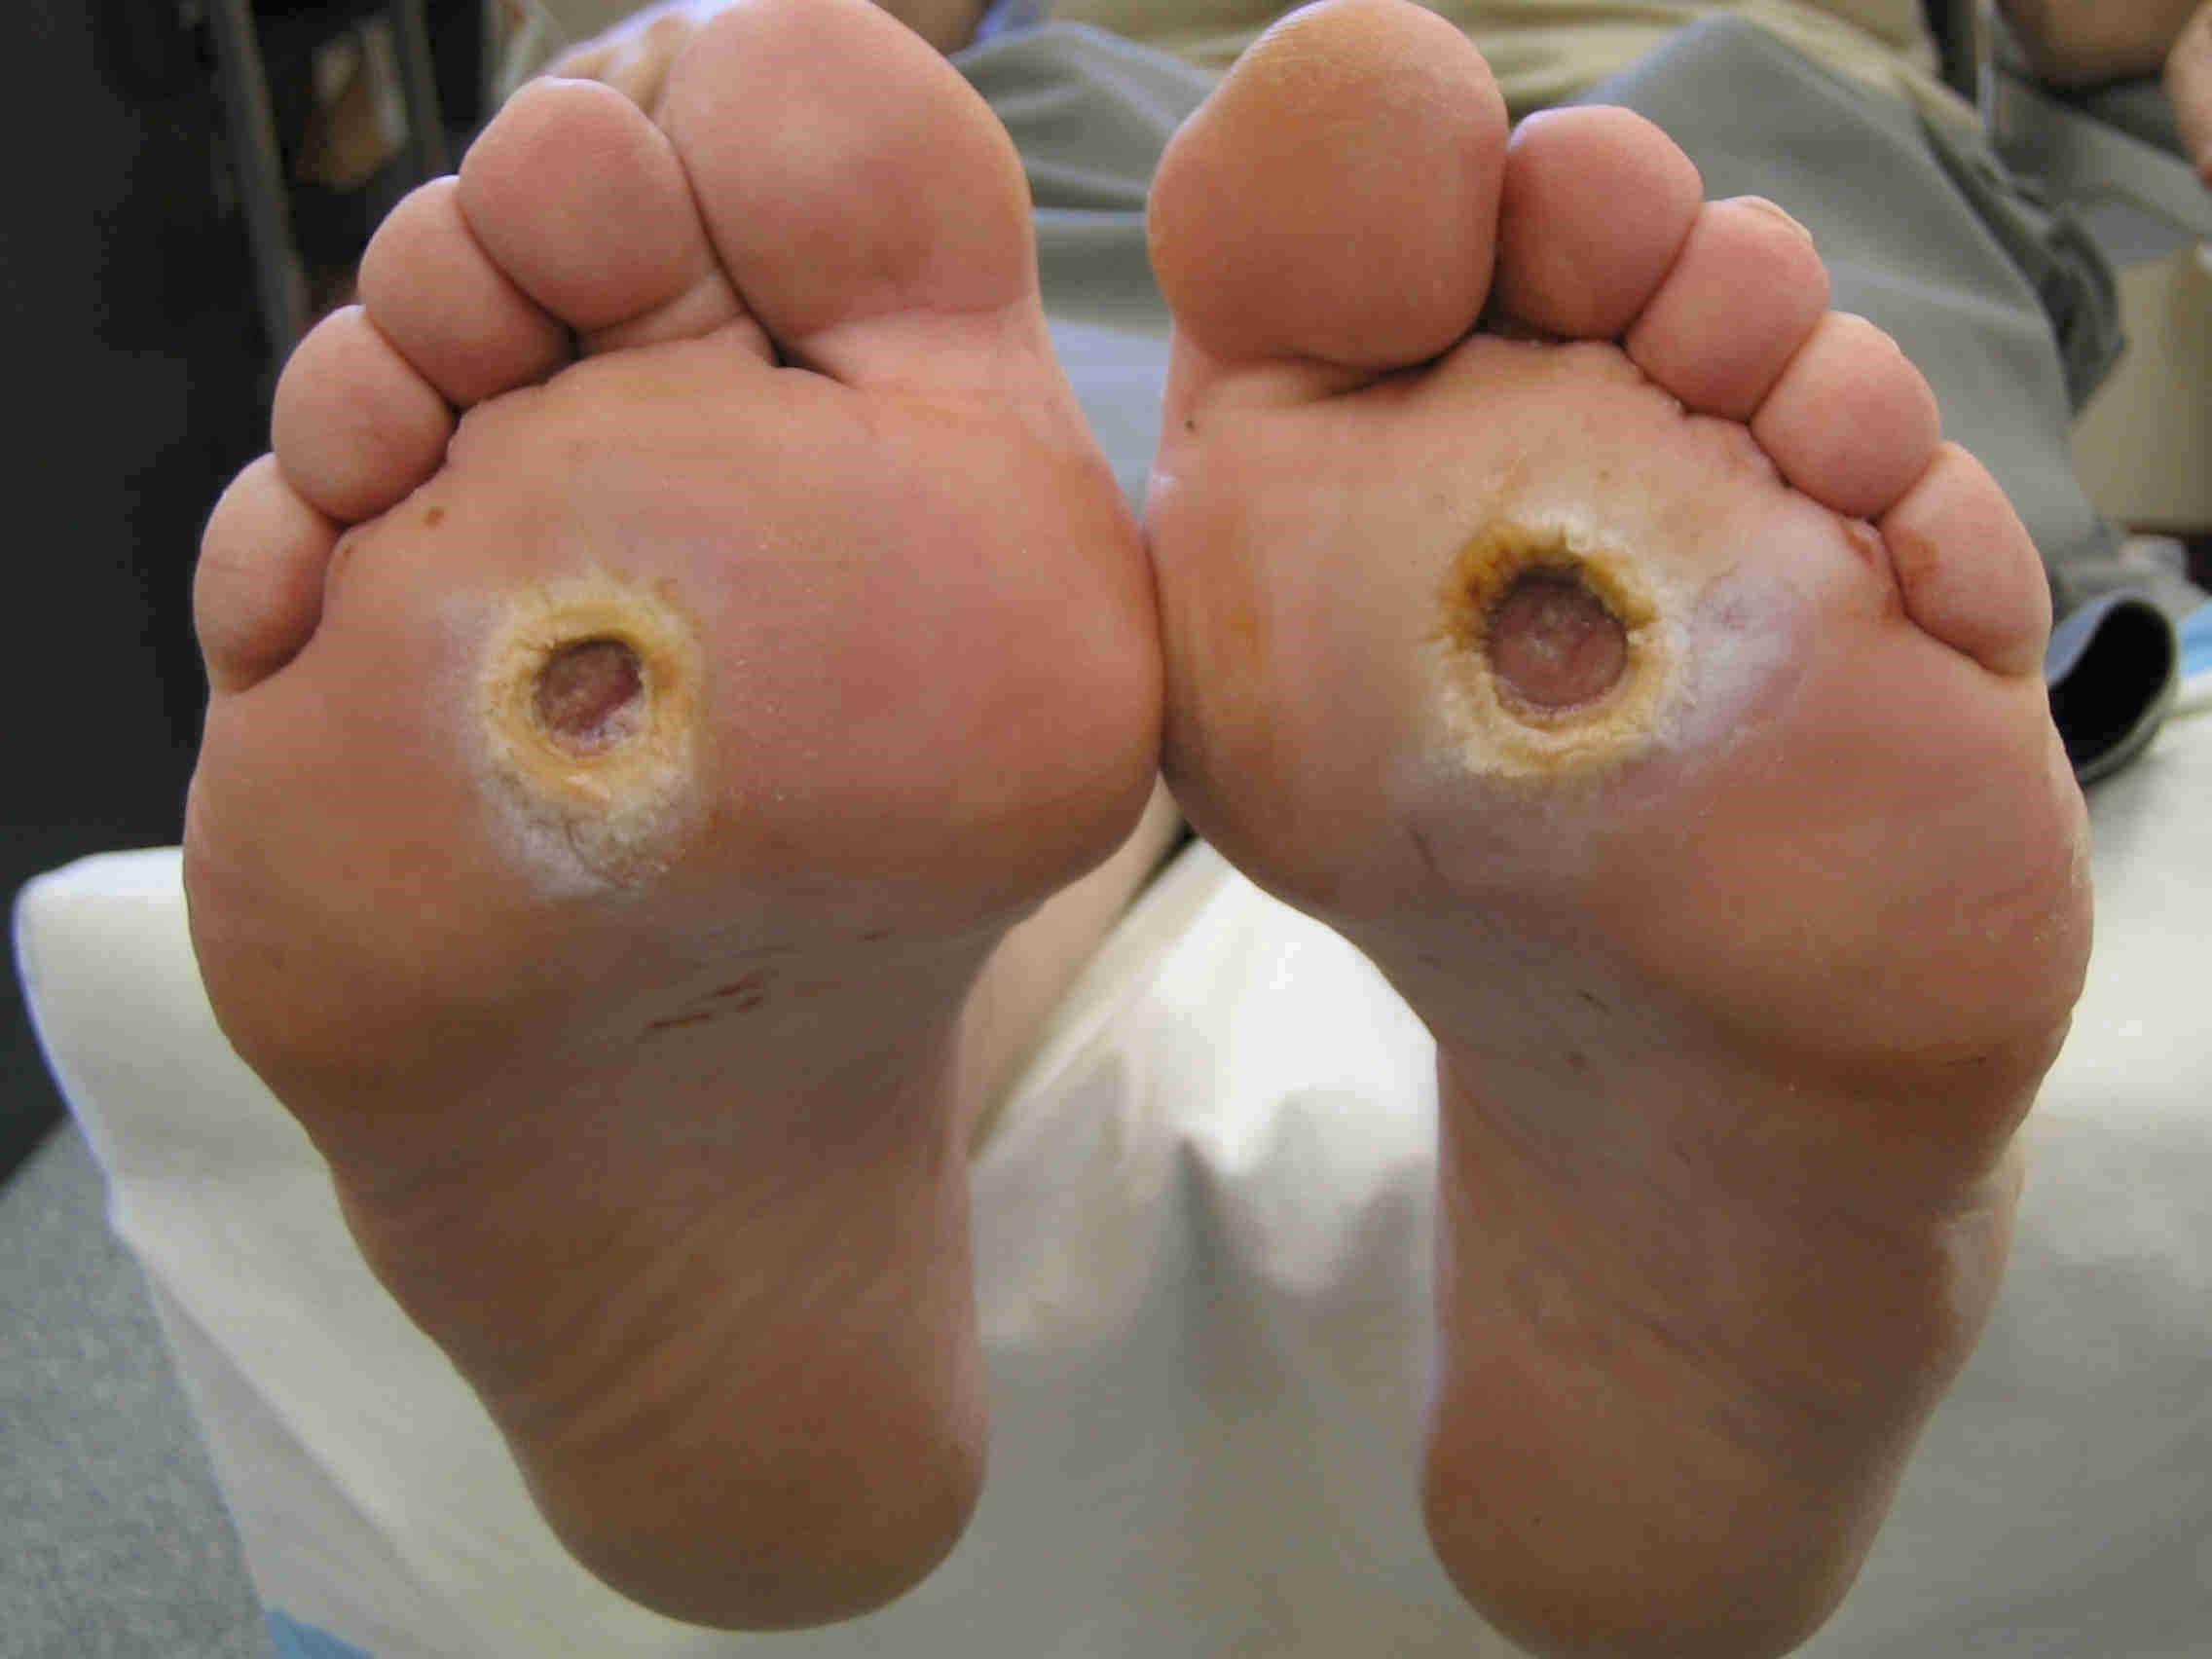 مرحله چهارم زخم پای دیابتی: